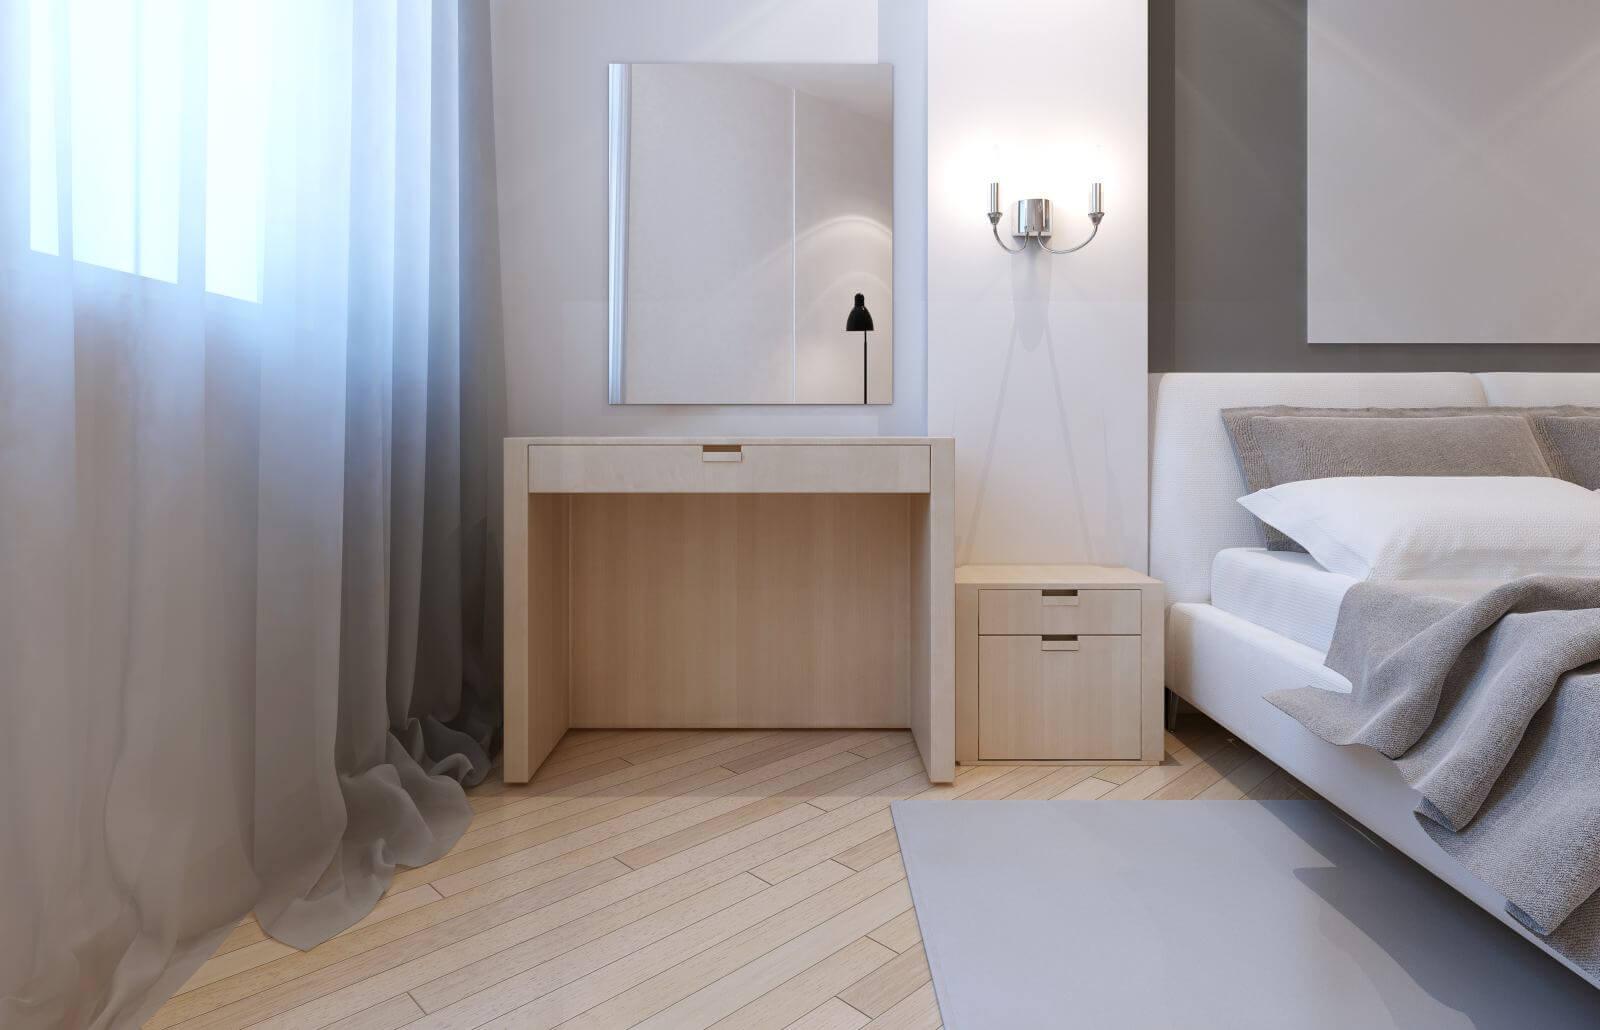 Idea of avant-garde bedroom. 3D render